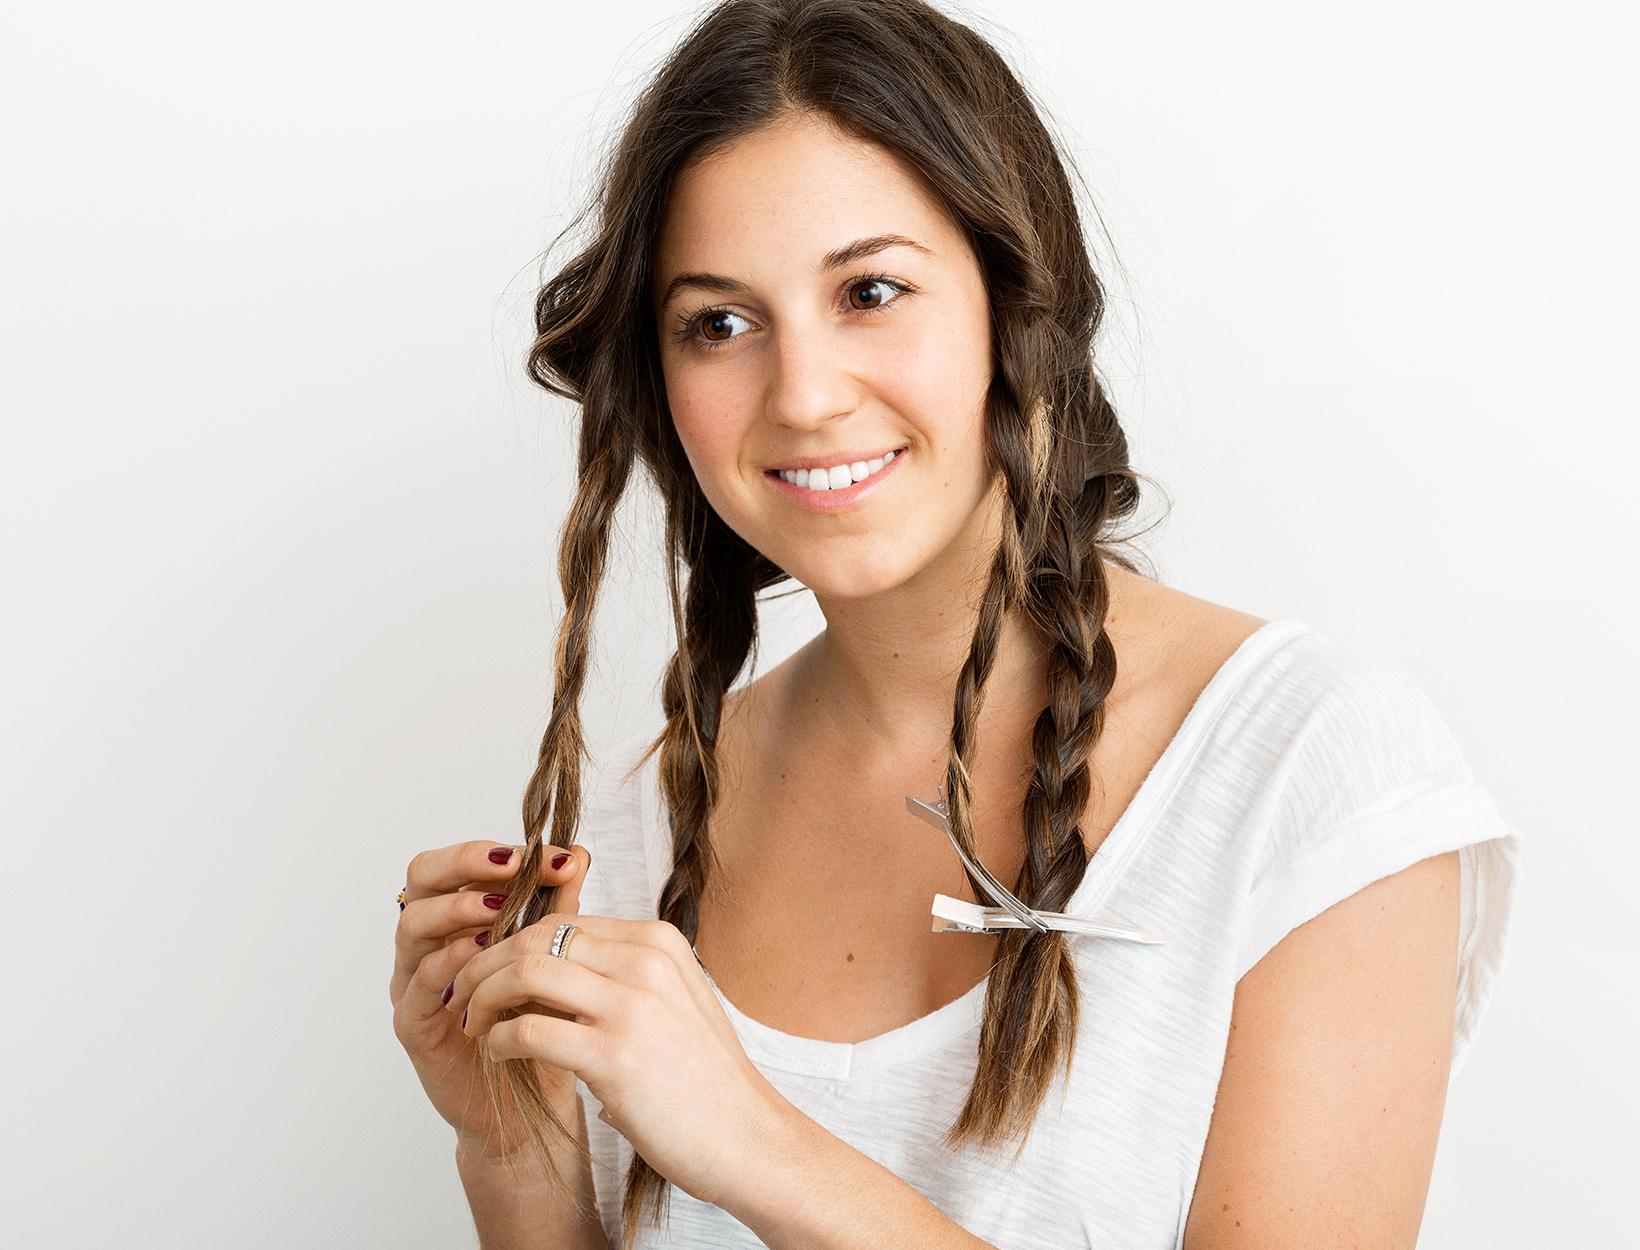 Effortless-Looking Hair, 3 Ways